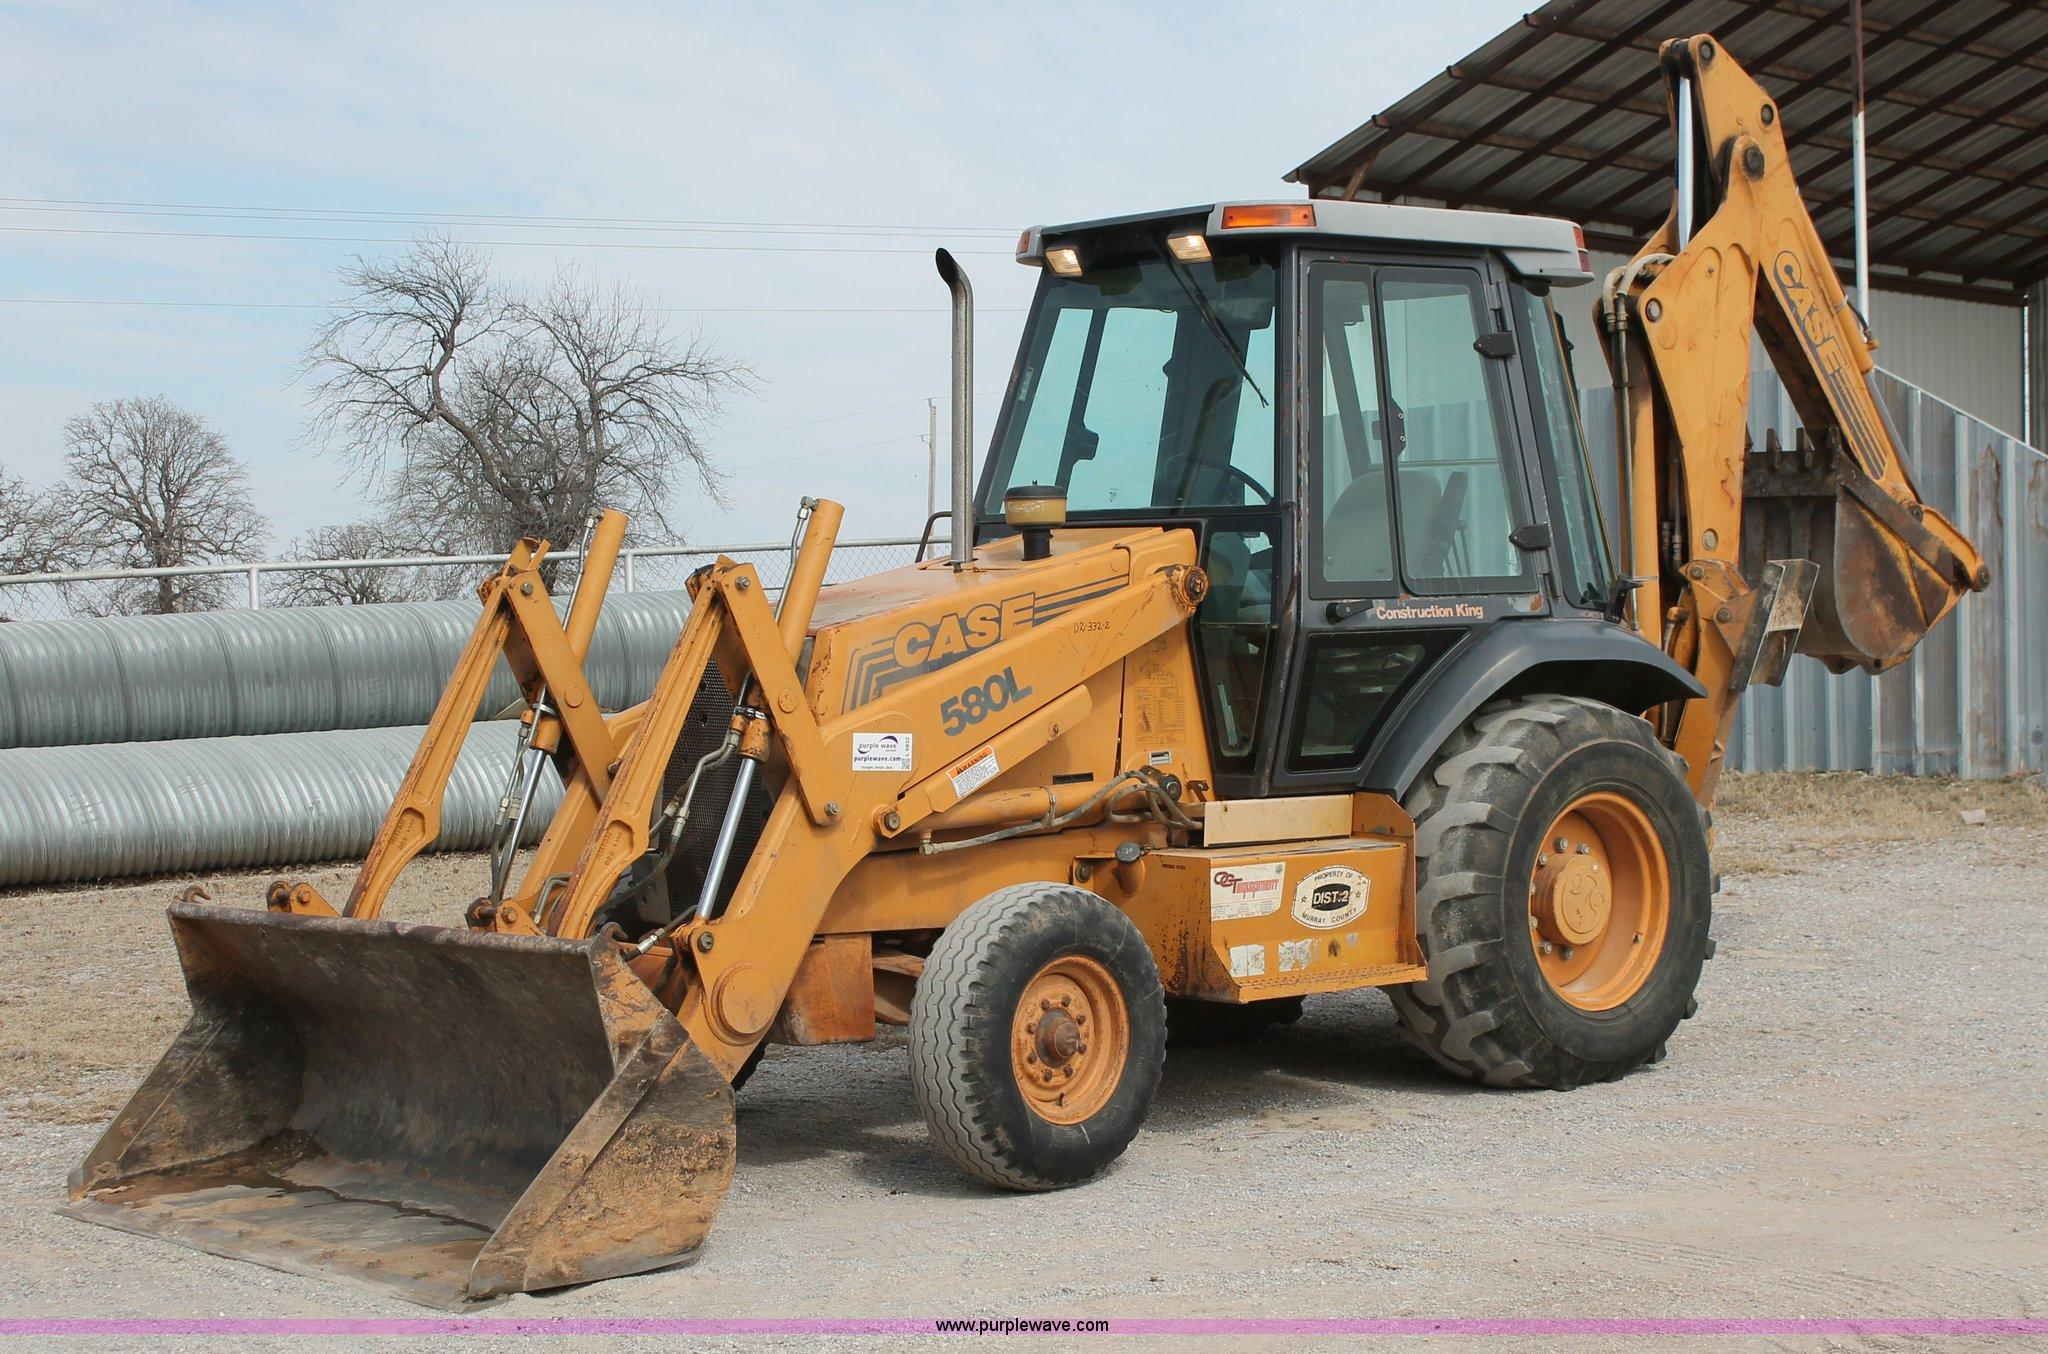 1997 Case 580L backhoe | Item L6832 | SOLD! March 31 Constru